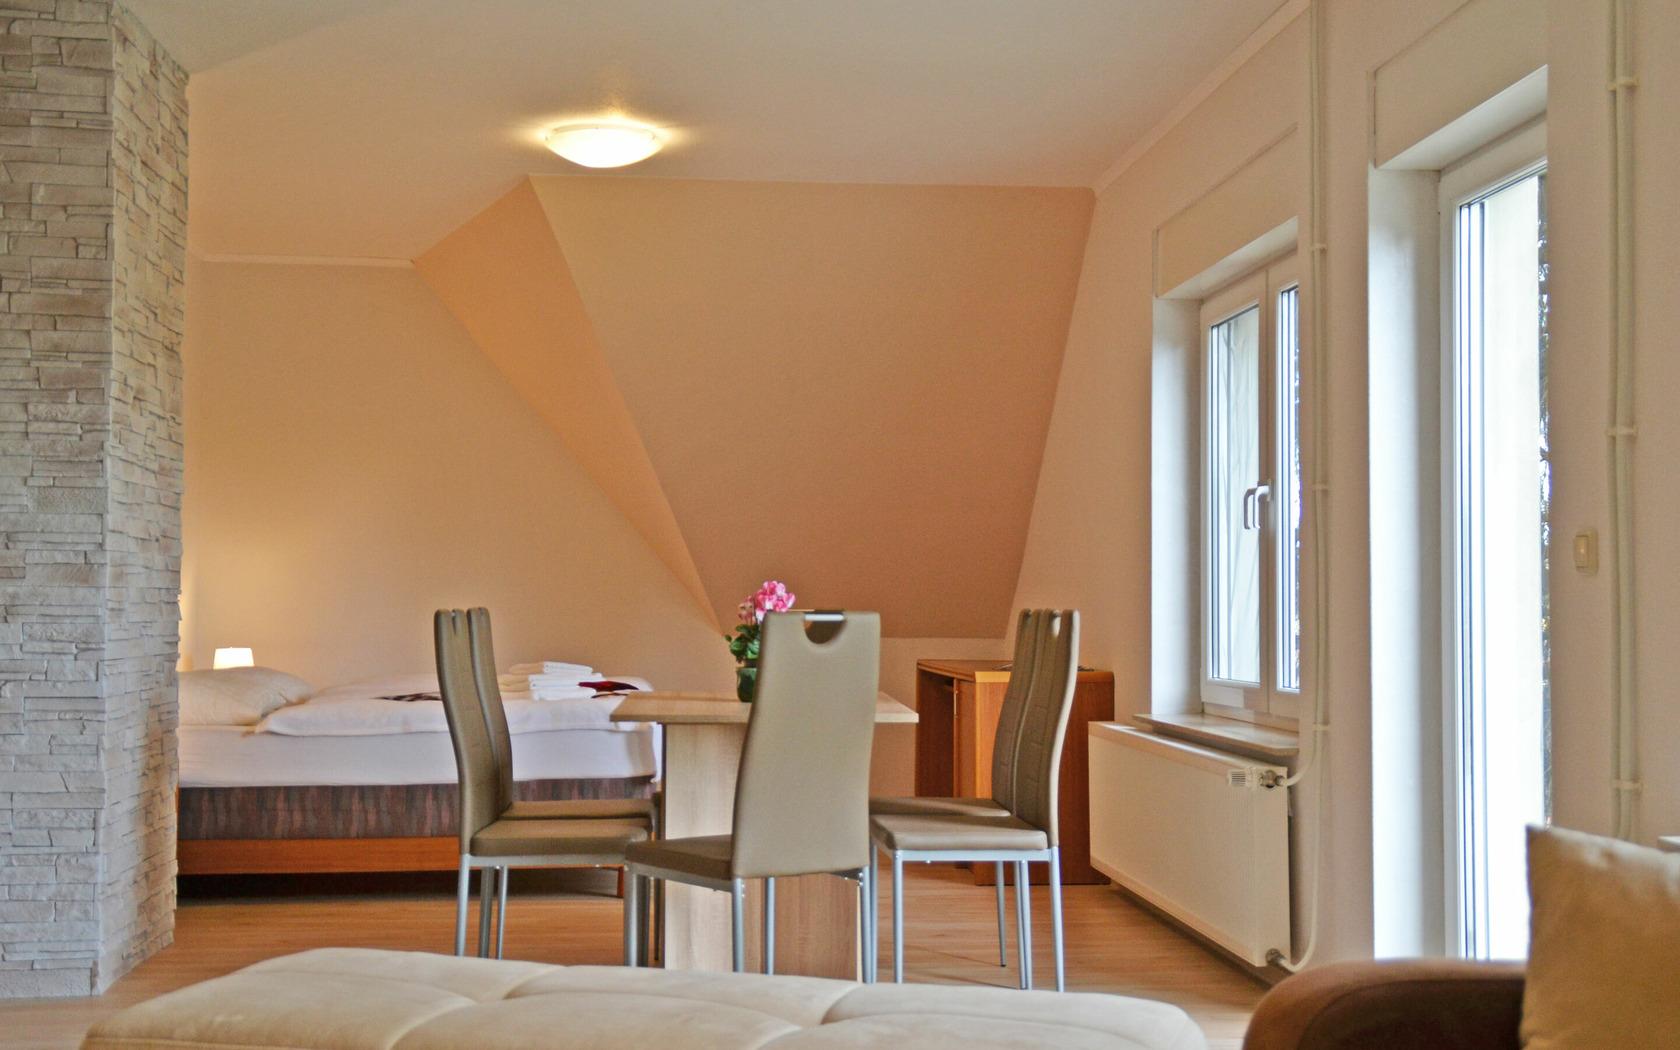 Ferienwohnung Wiesenblick Wohn-/Schlafbereich, Foto: MuT Guben